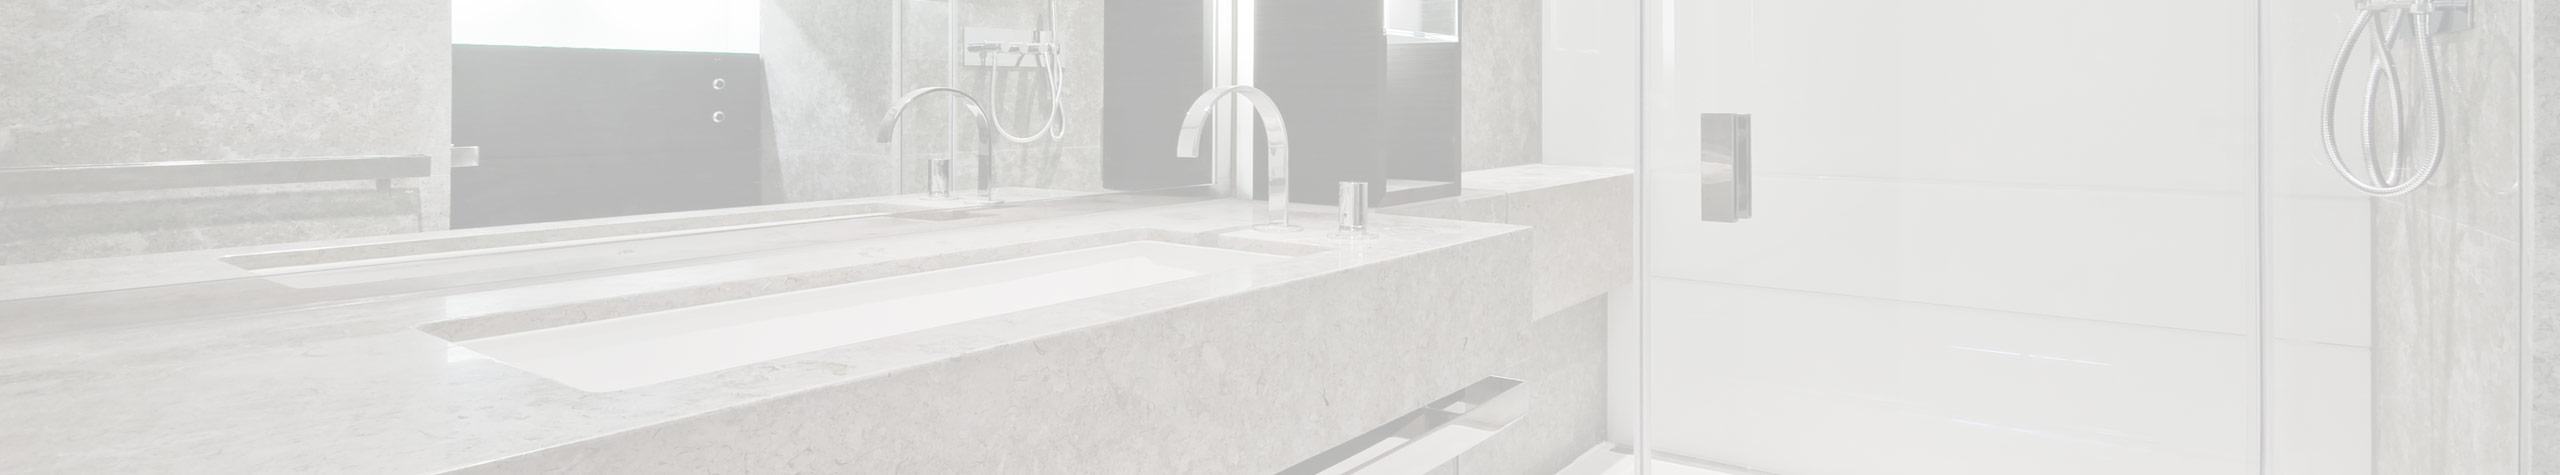 bathrooms, faucets, shower enclosures, plumbing fixtures, vanities, medicine cabinets